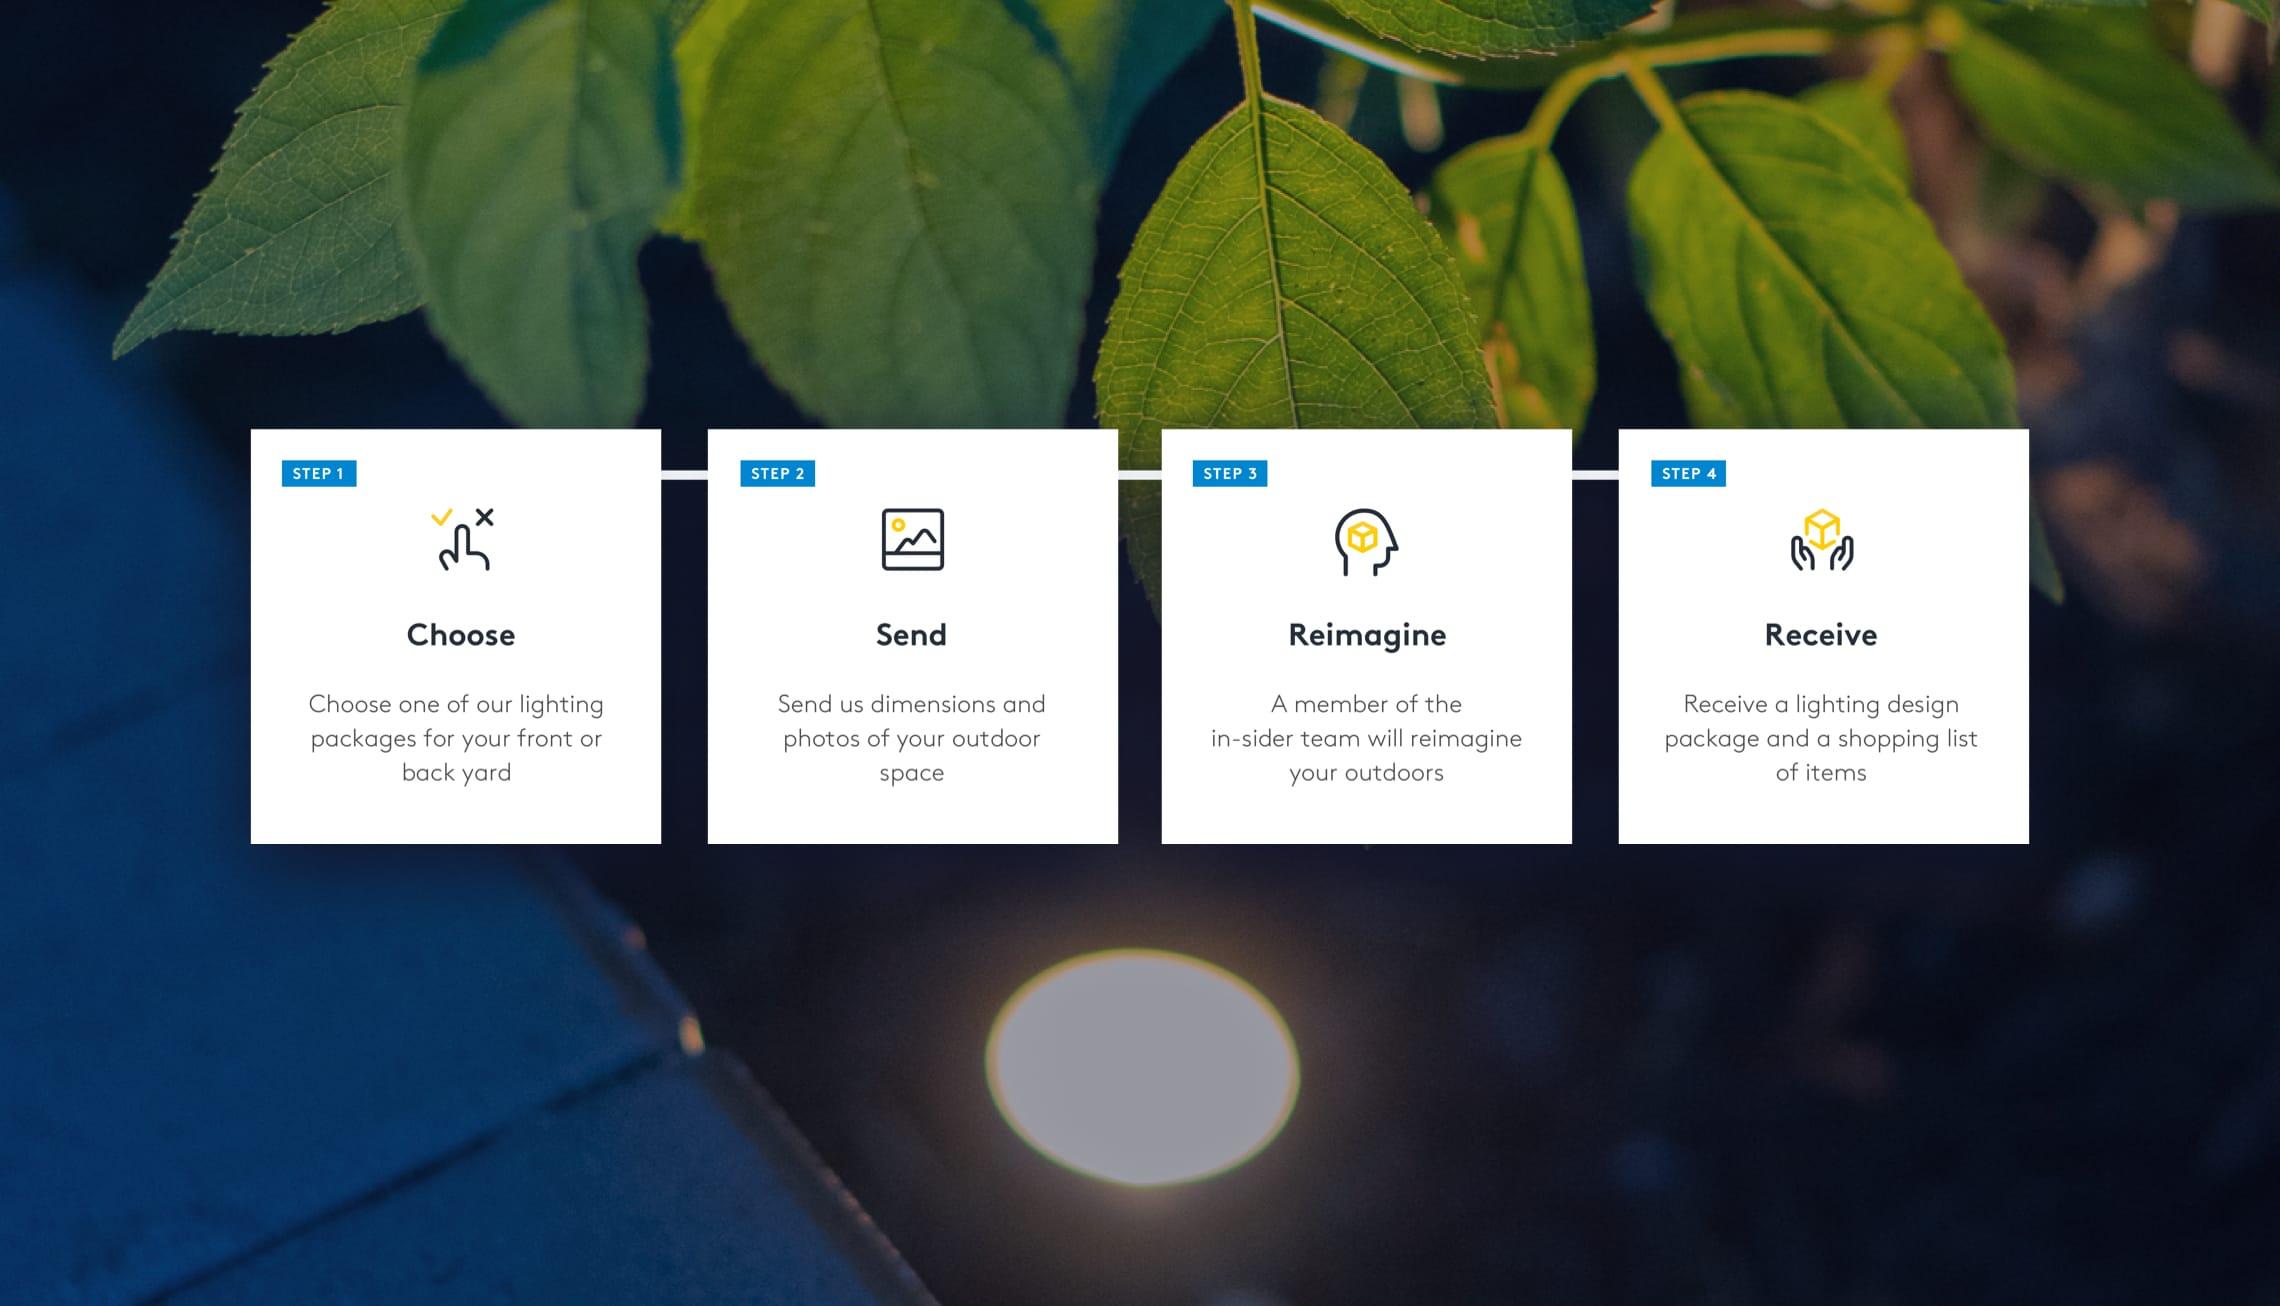 In-Sider partner program icons